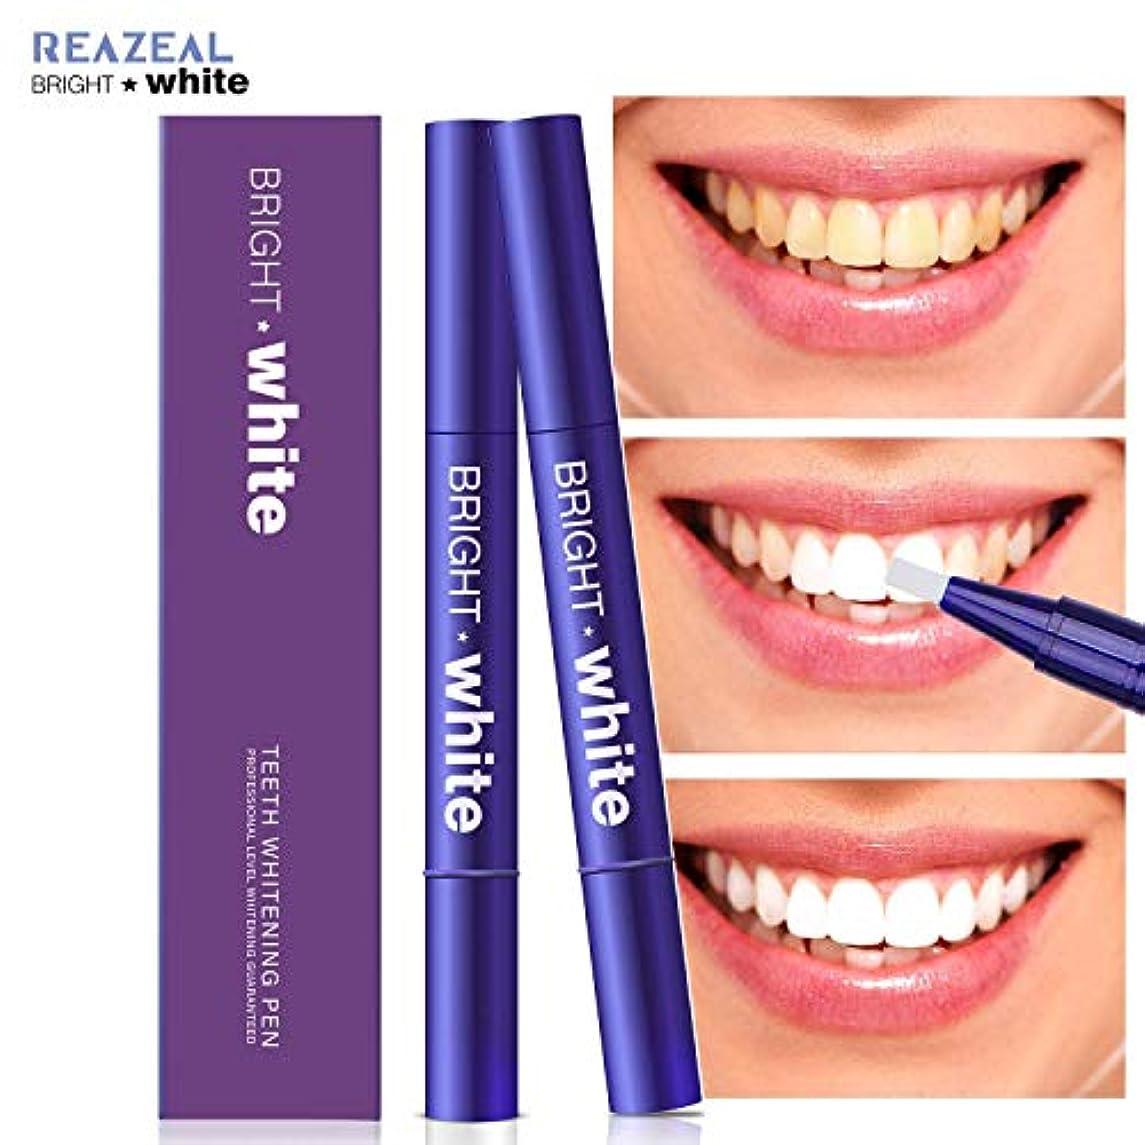 手配する信じるきつく歯 ホワイトニング 歯磨き粉 ホワイトニング 歯 ホワイトニングペン ホワイトニングペン 歯ブラシ 輝く笑顔 口臭防止 一週間のホワイティング - 2個